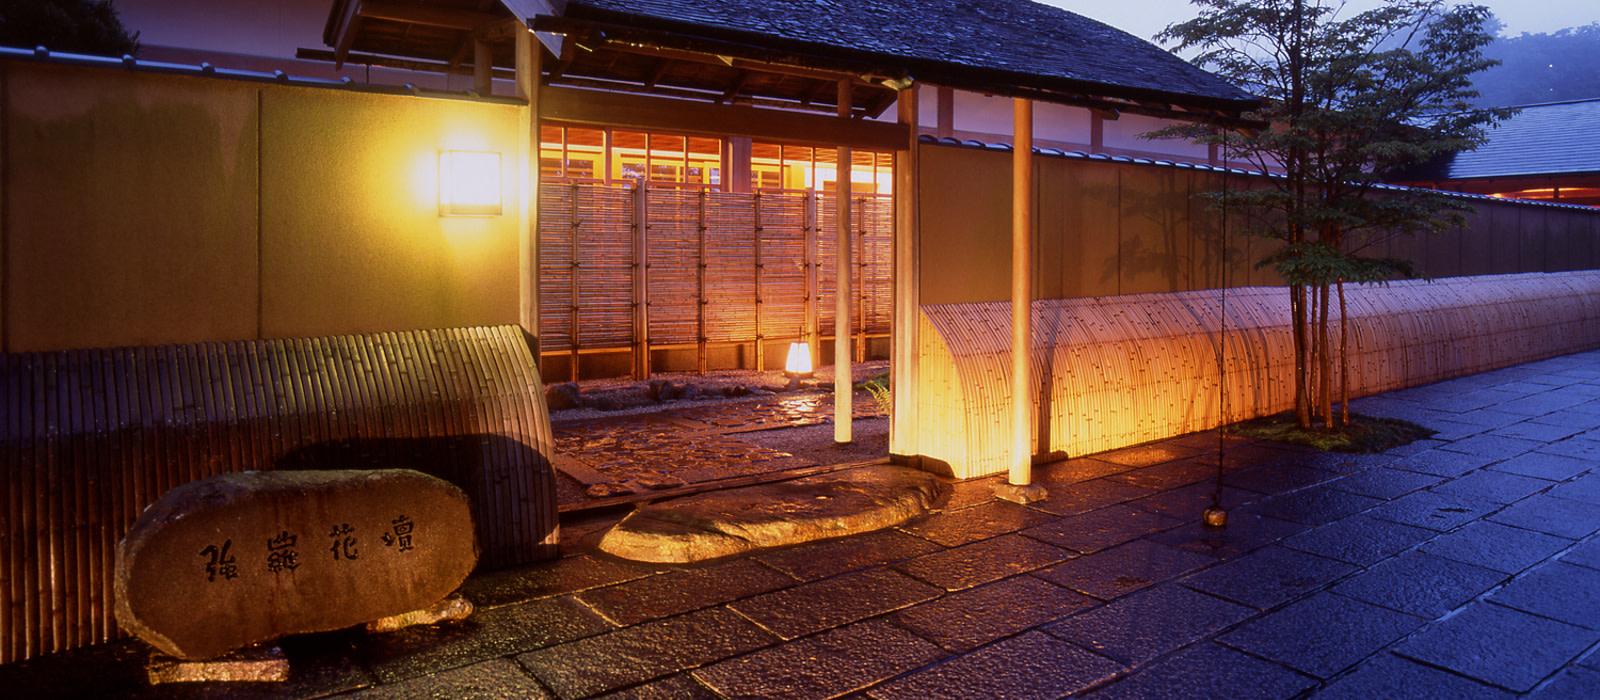 Hotel Gora Kadan Ryokan Japan